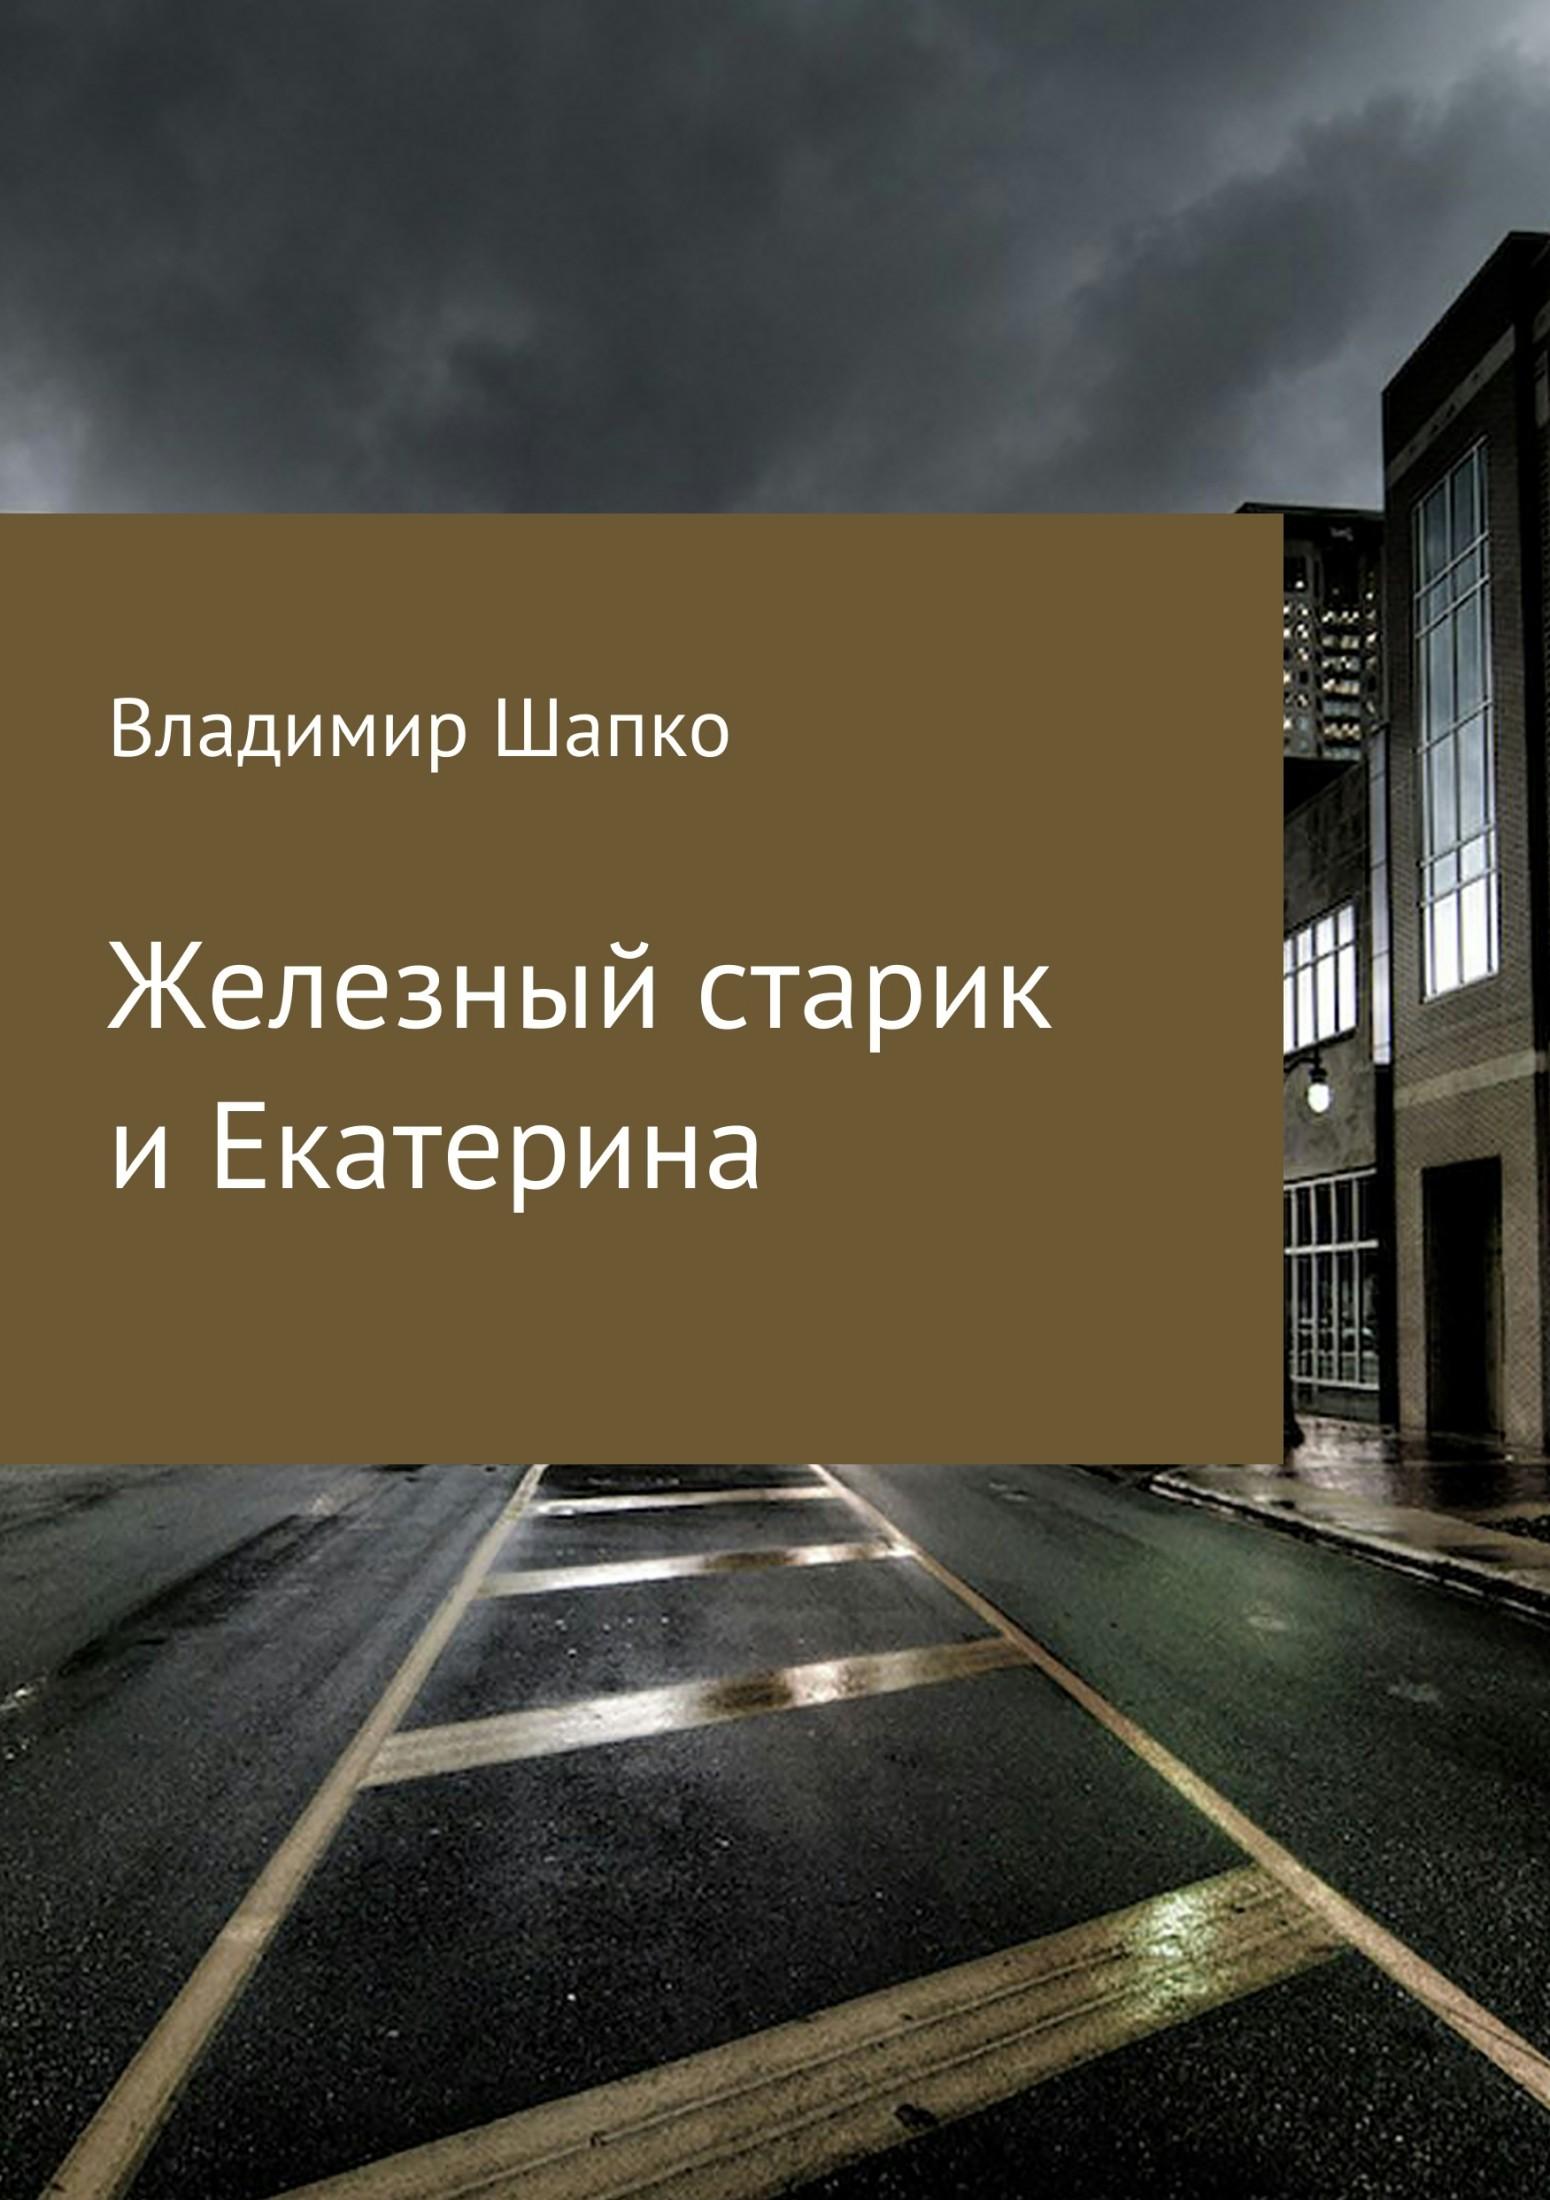 Владимир Макарович Шапко бесплатно